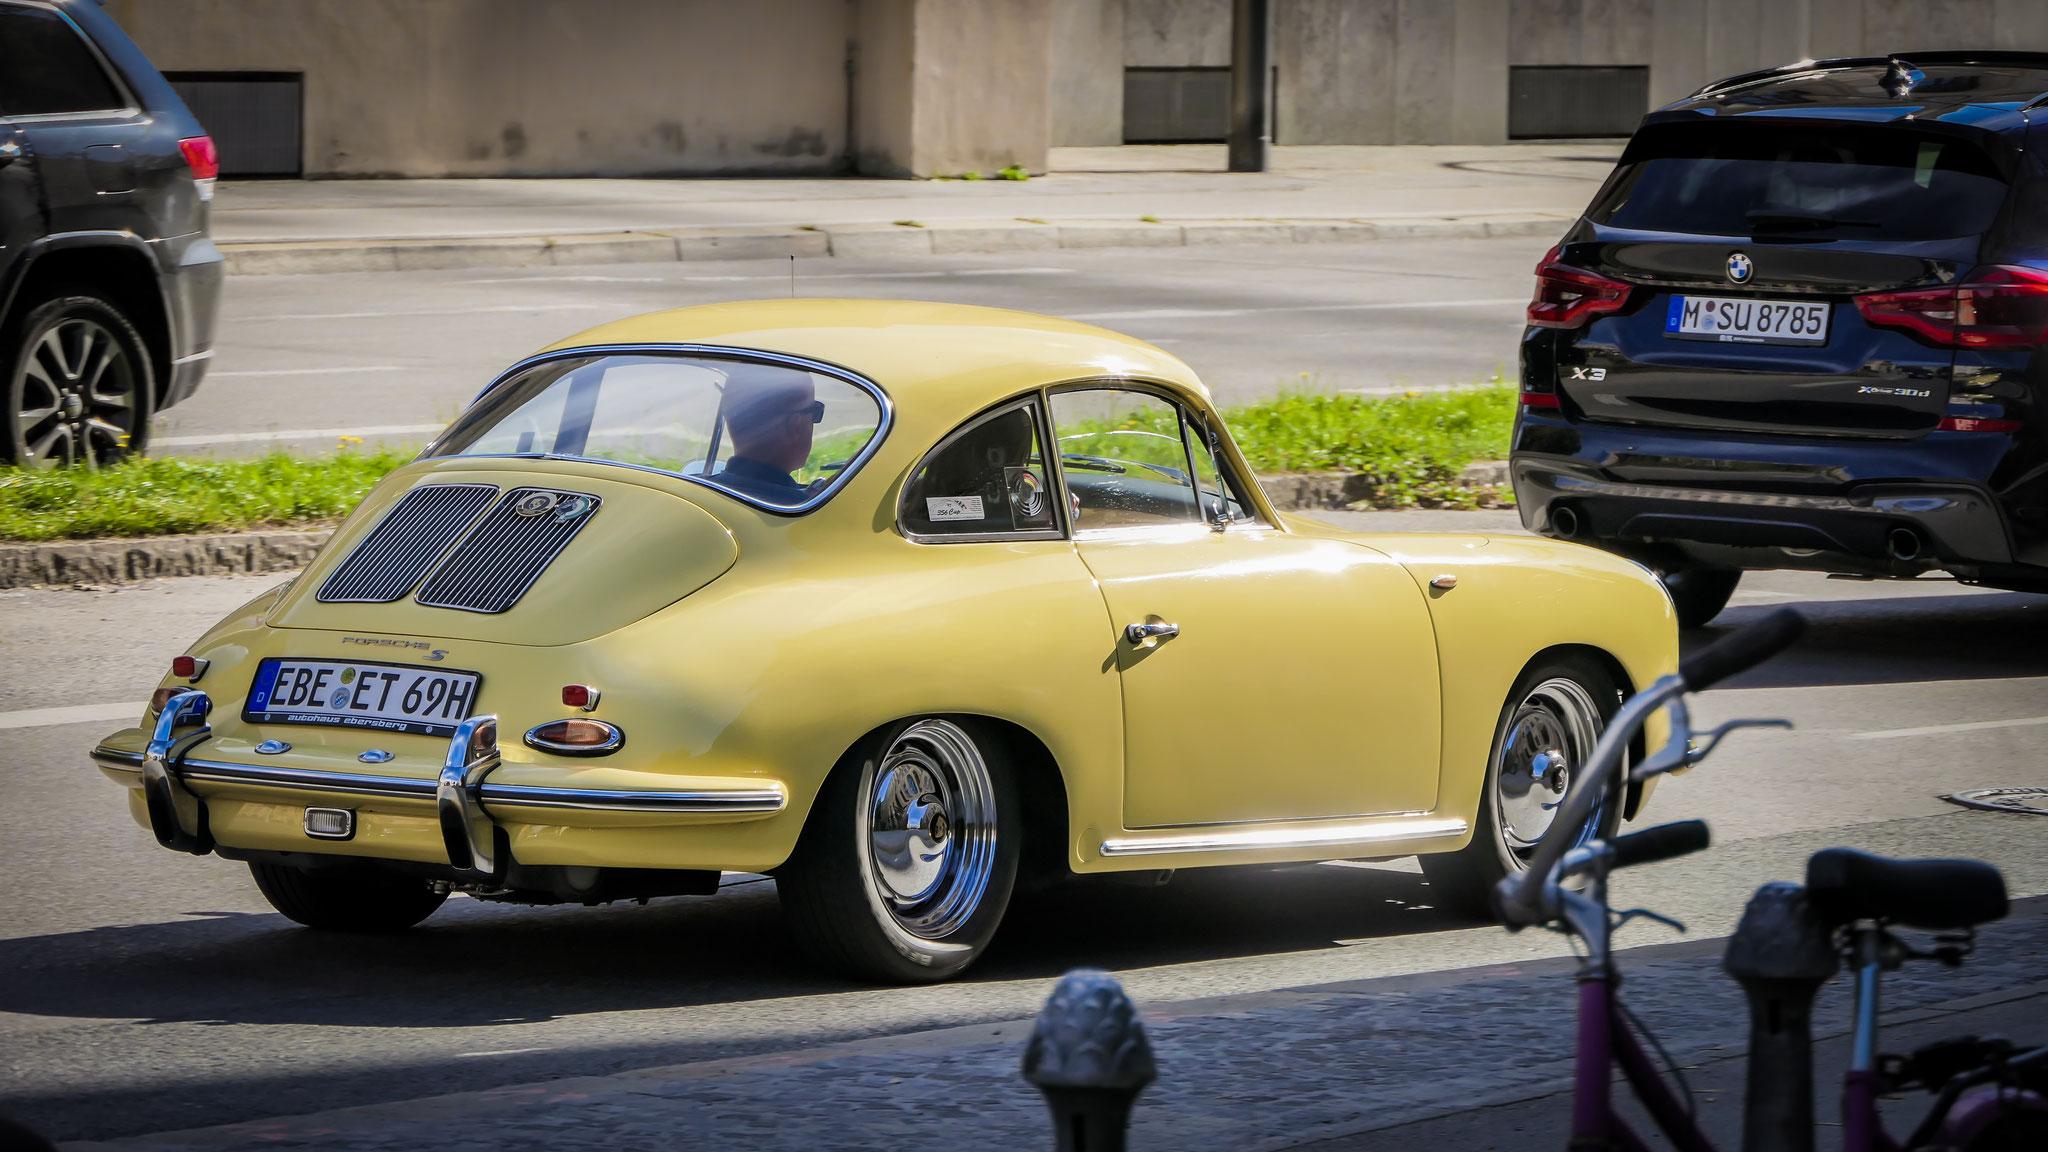 Porsche 356 1600S - EBE-ET-69H